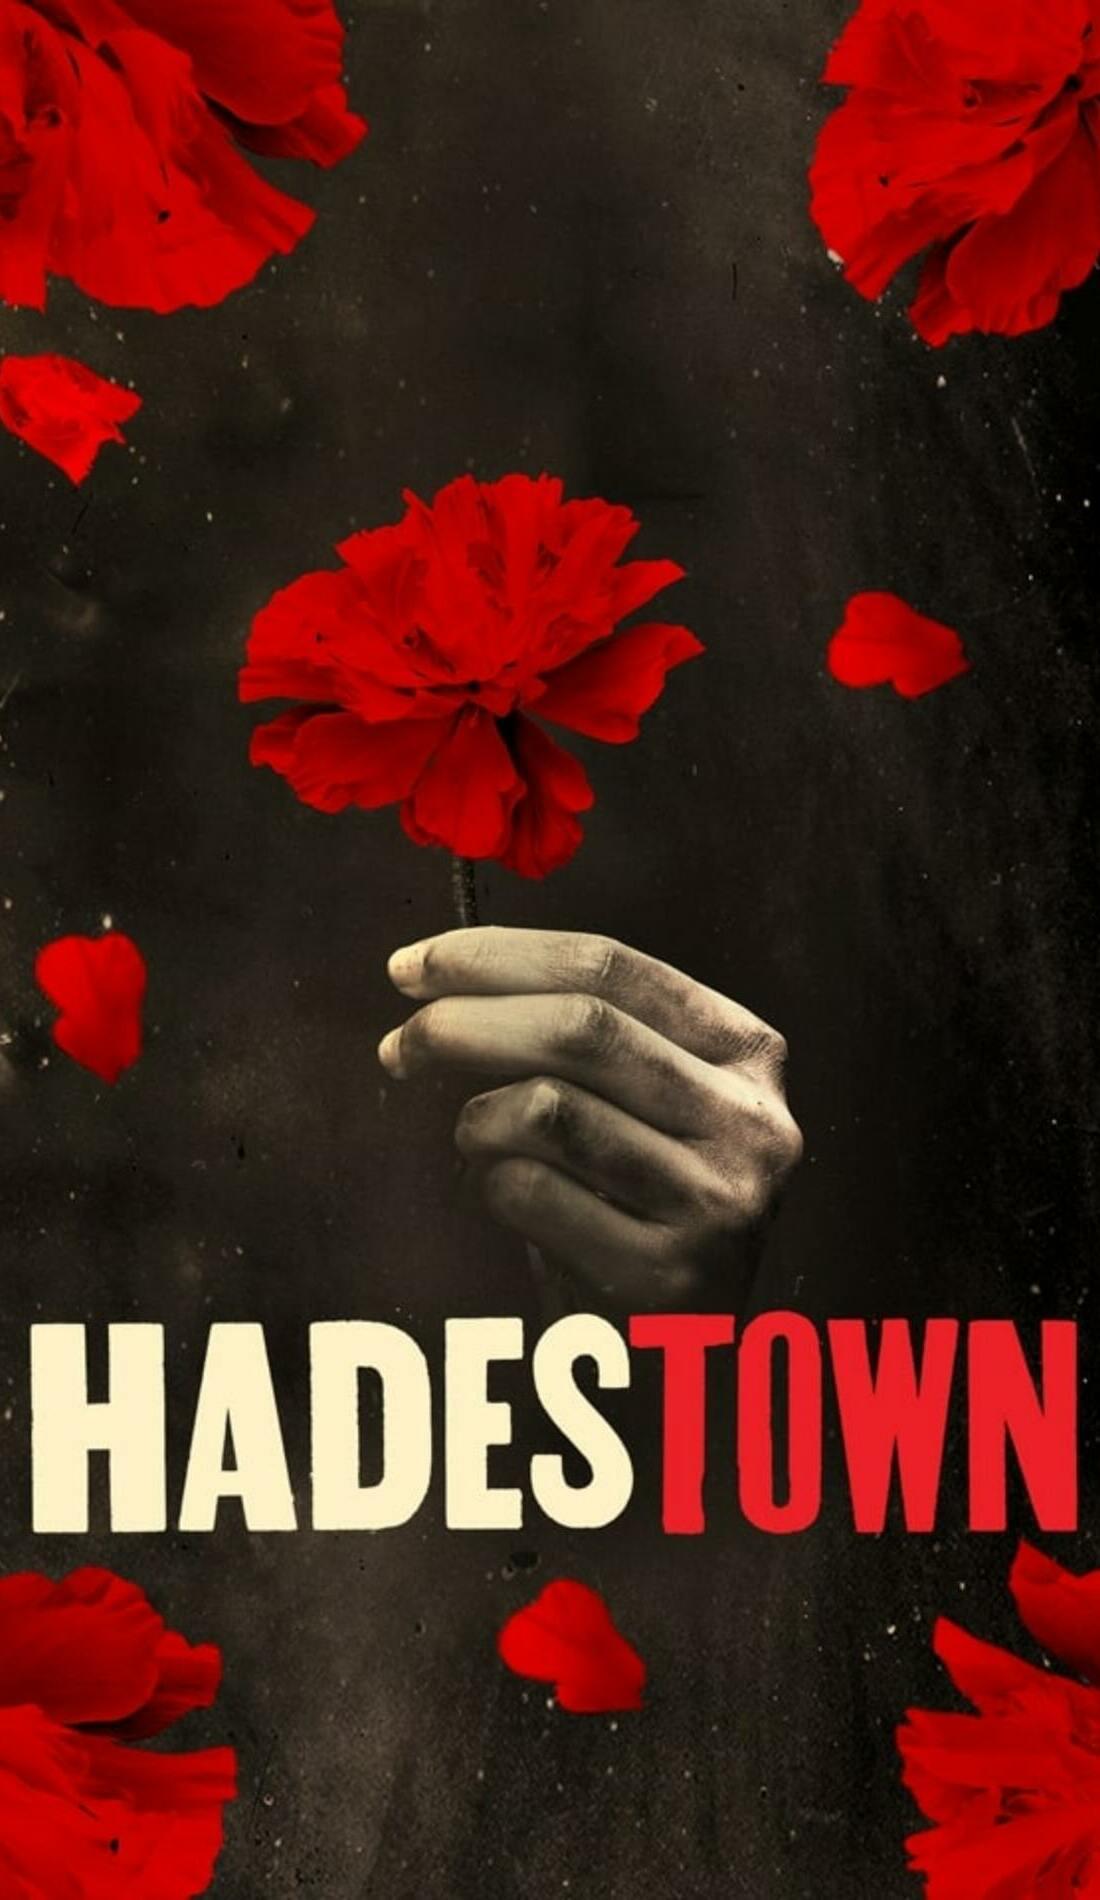 A Hadestown live event